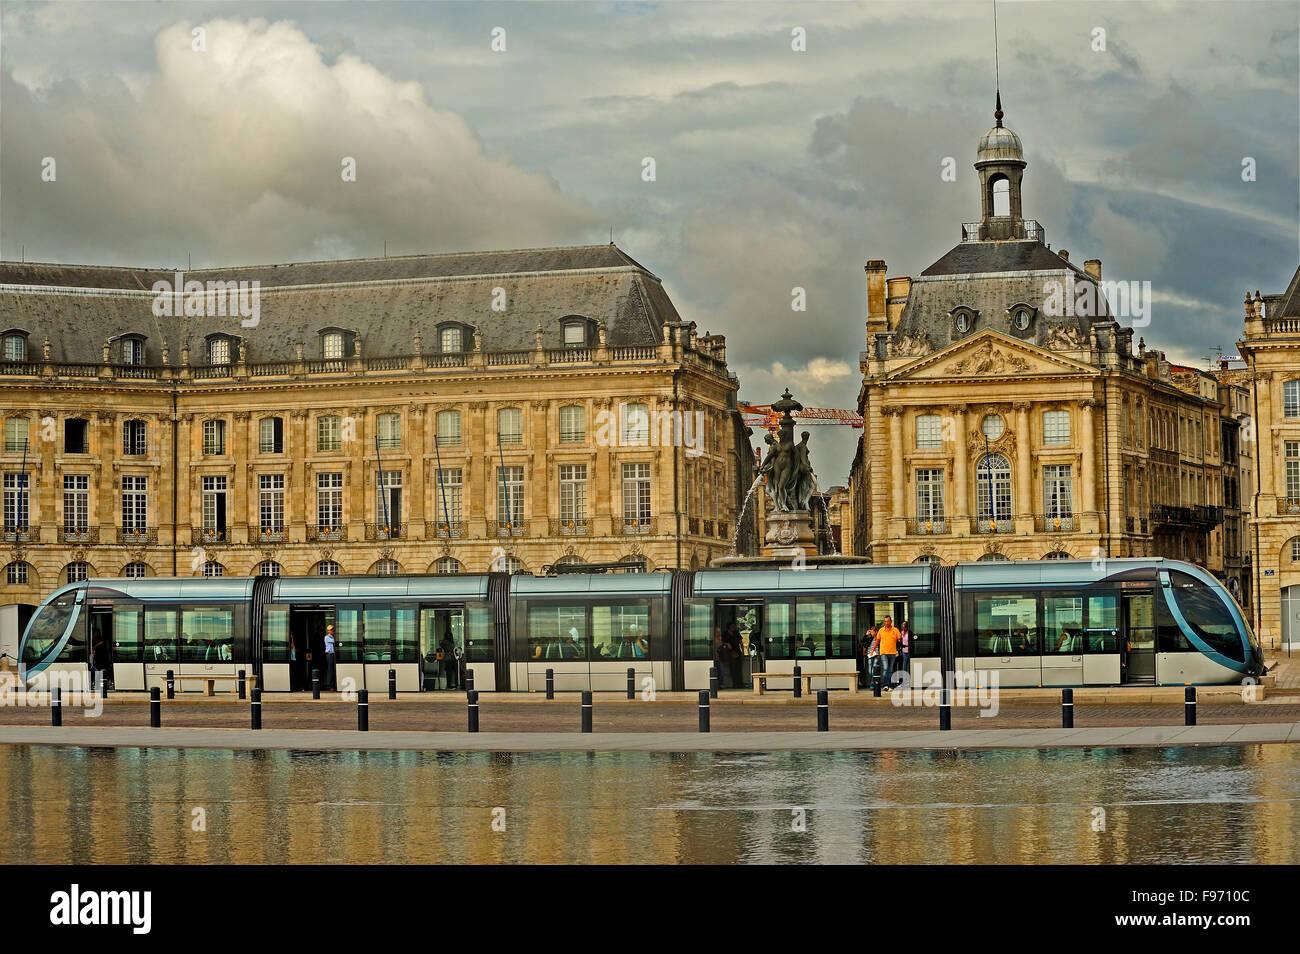 reflecting pool, le miroir d'eau, Place de la Bourse, Bordeaux, Gironde Department, Aquitaine, France - Stock Image